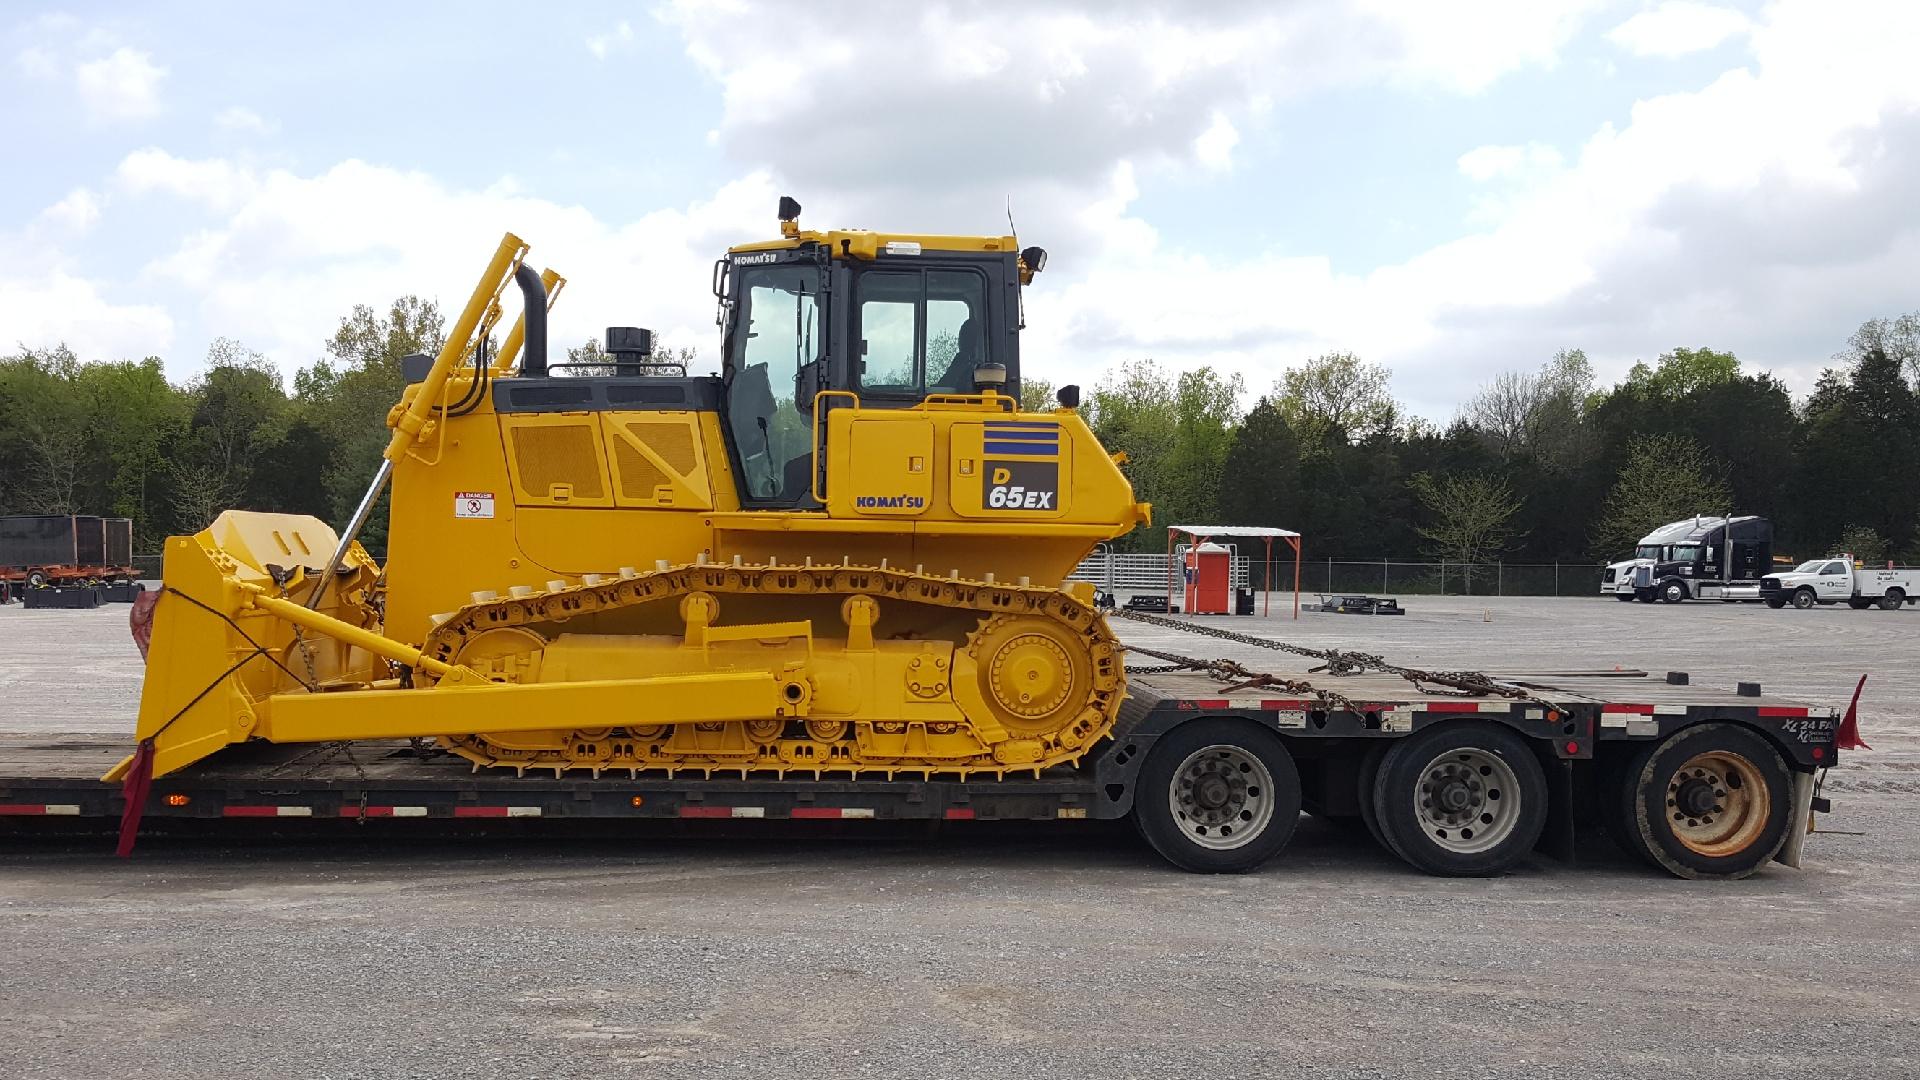 Loading a bulldozer